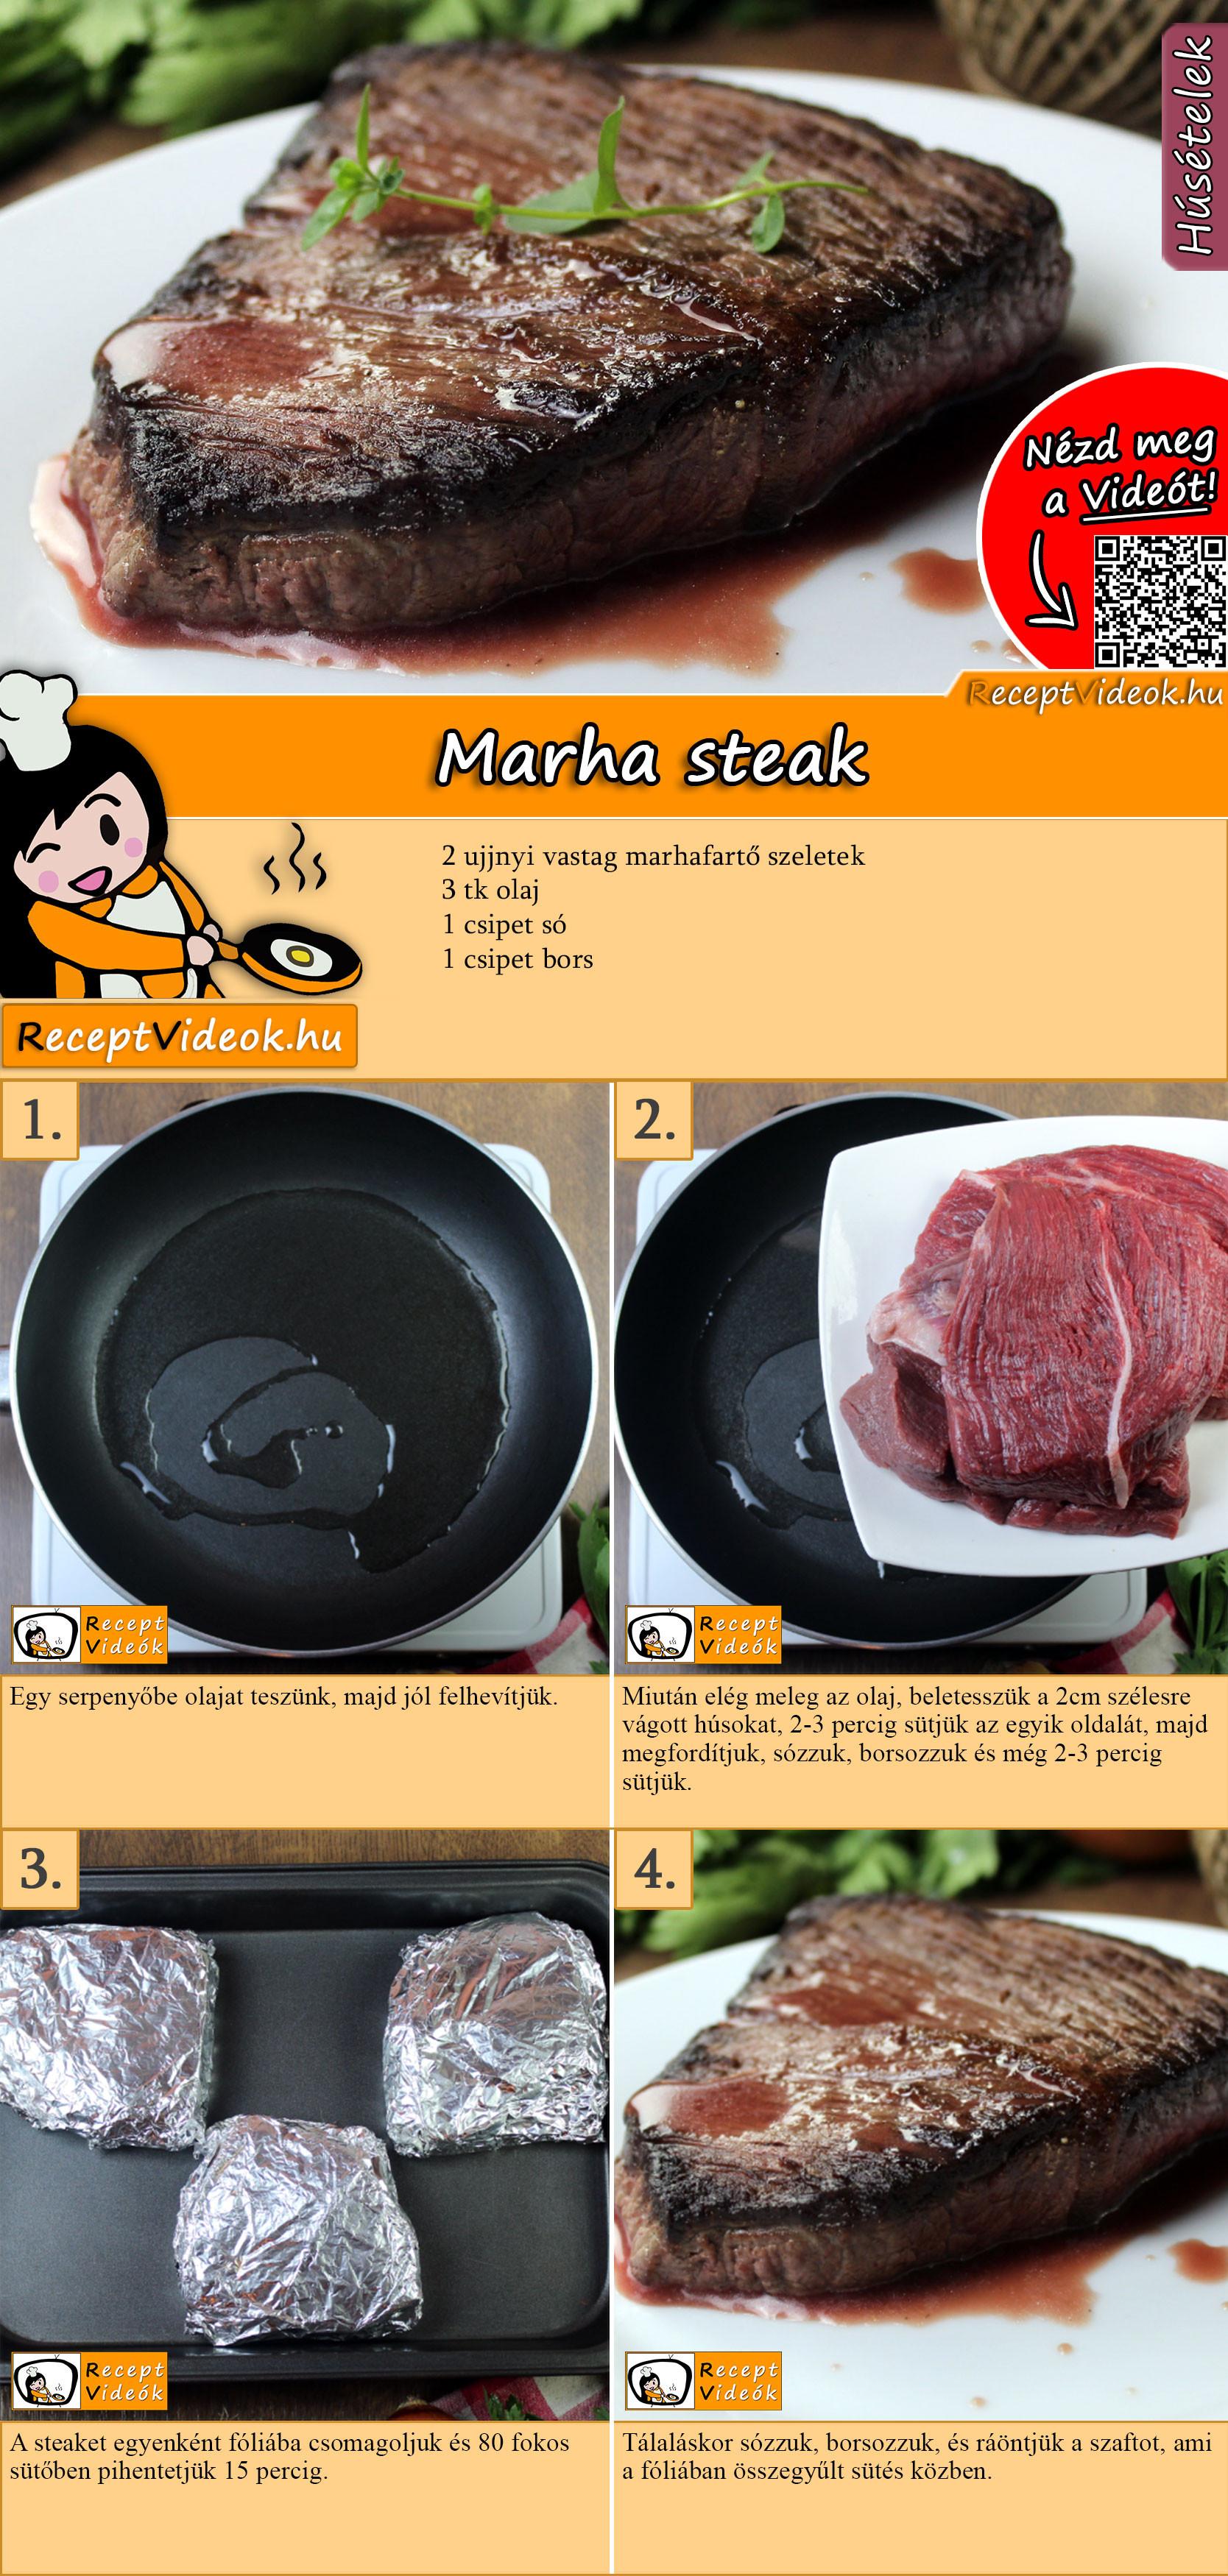 Marha steak recept elkészítése videóval